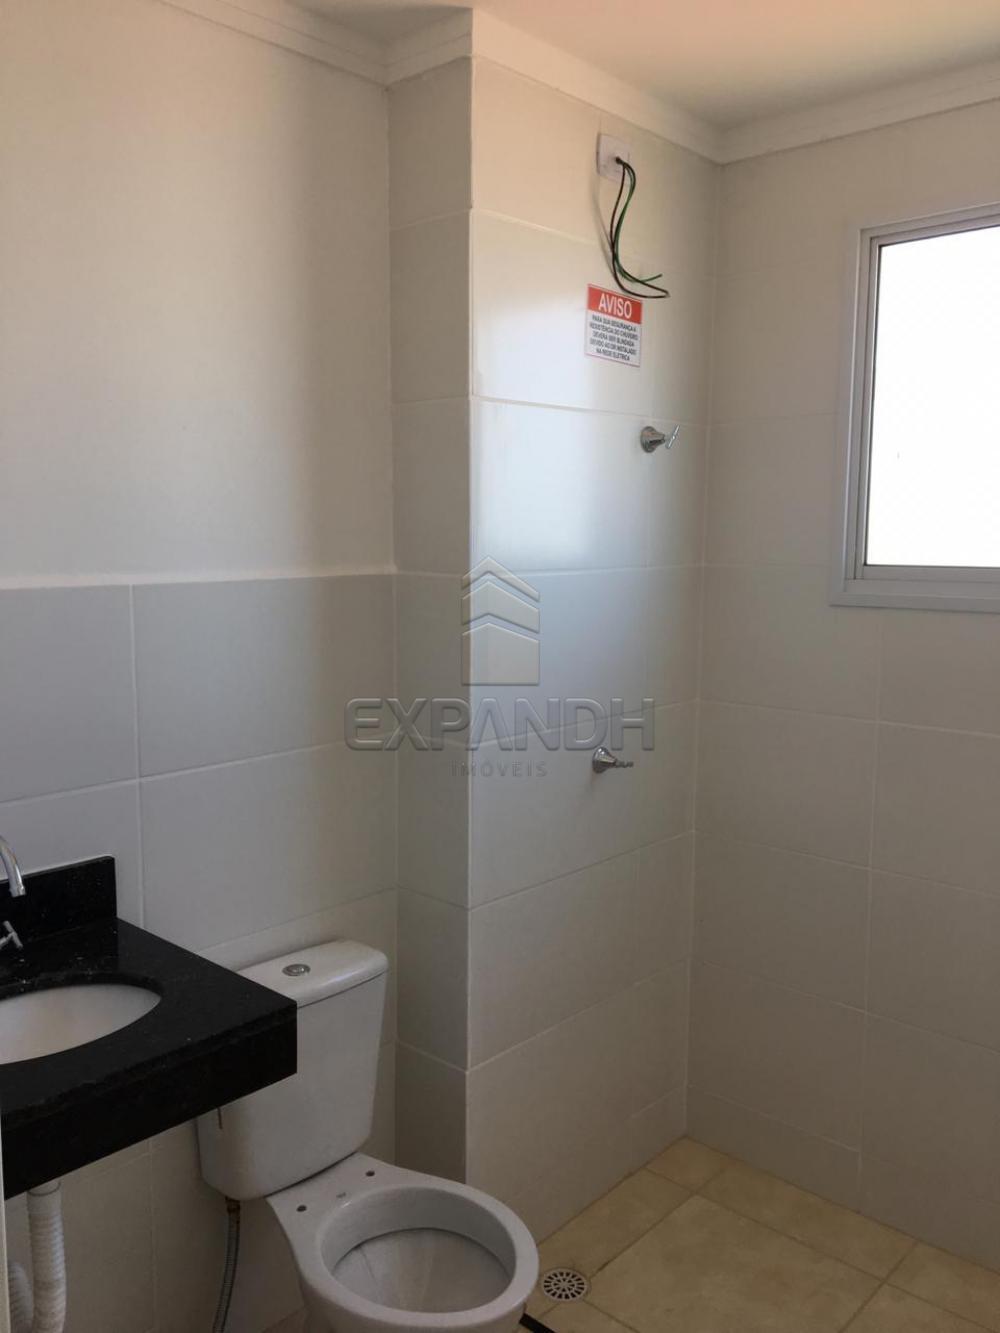 Alugar Apartamentos / Padrão em Sertãozinho R$ 600,00 - Foto 20